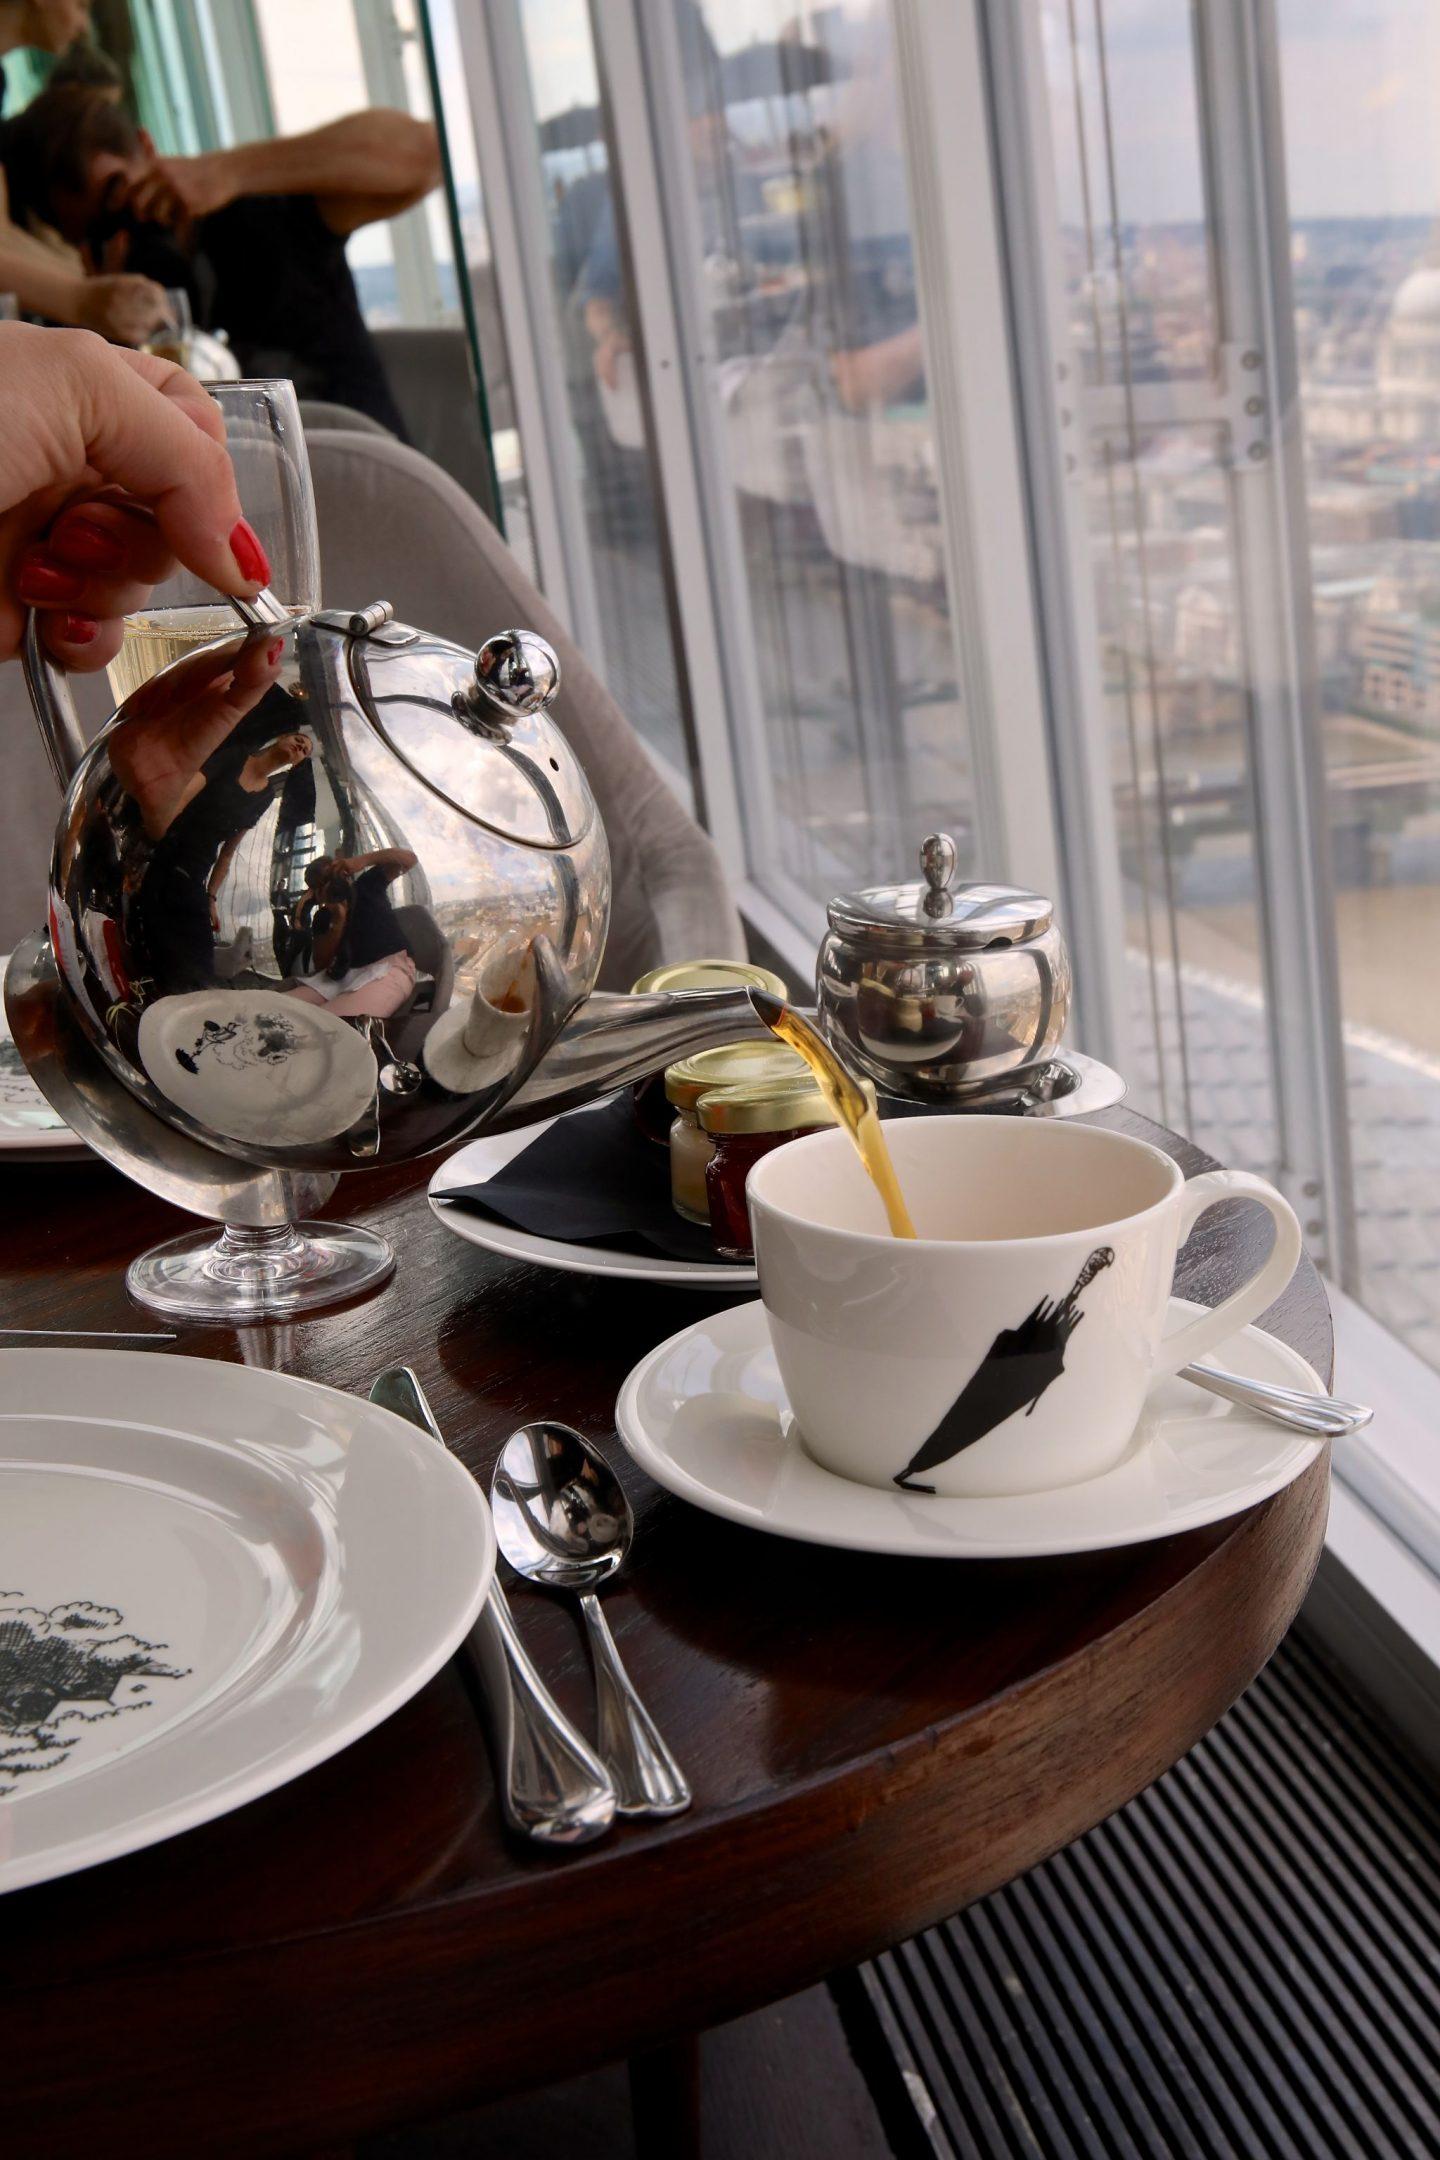 Mary Poppins Afternoon Tea Aqua Shard, Katie Heath, KALANCHOE